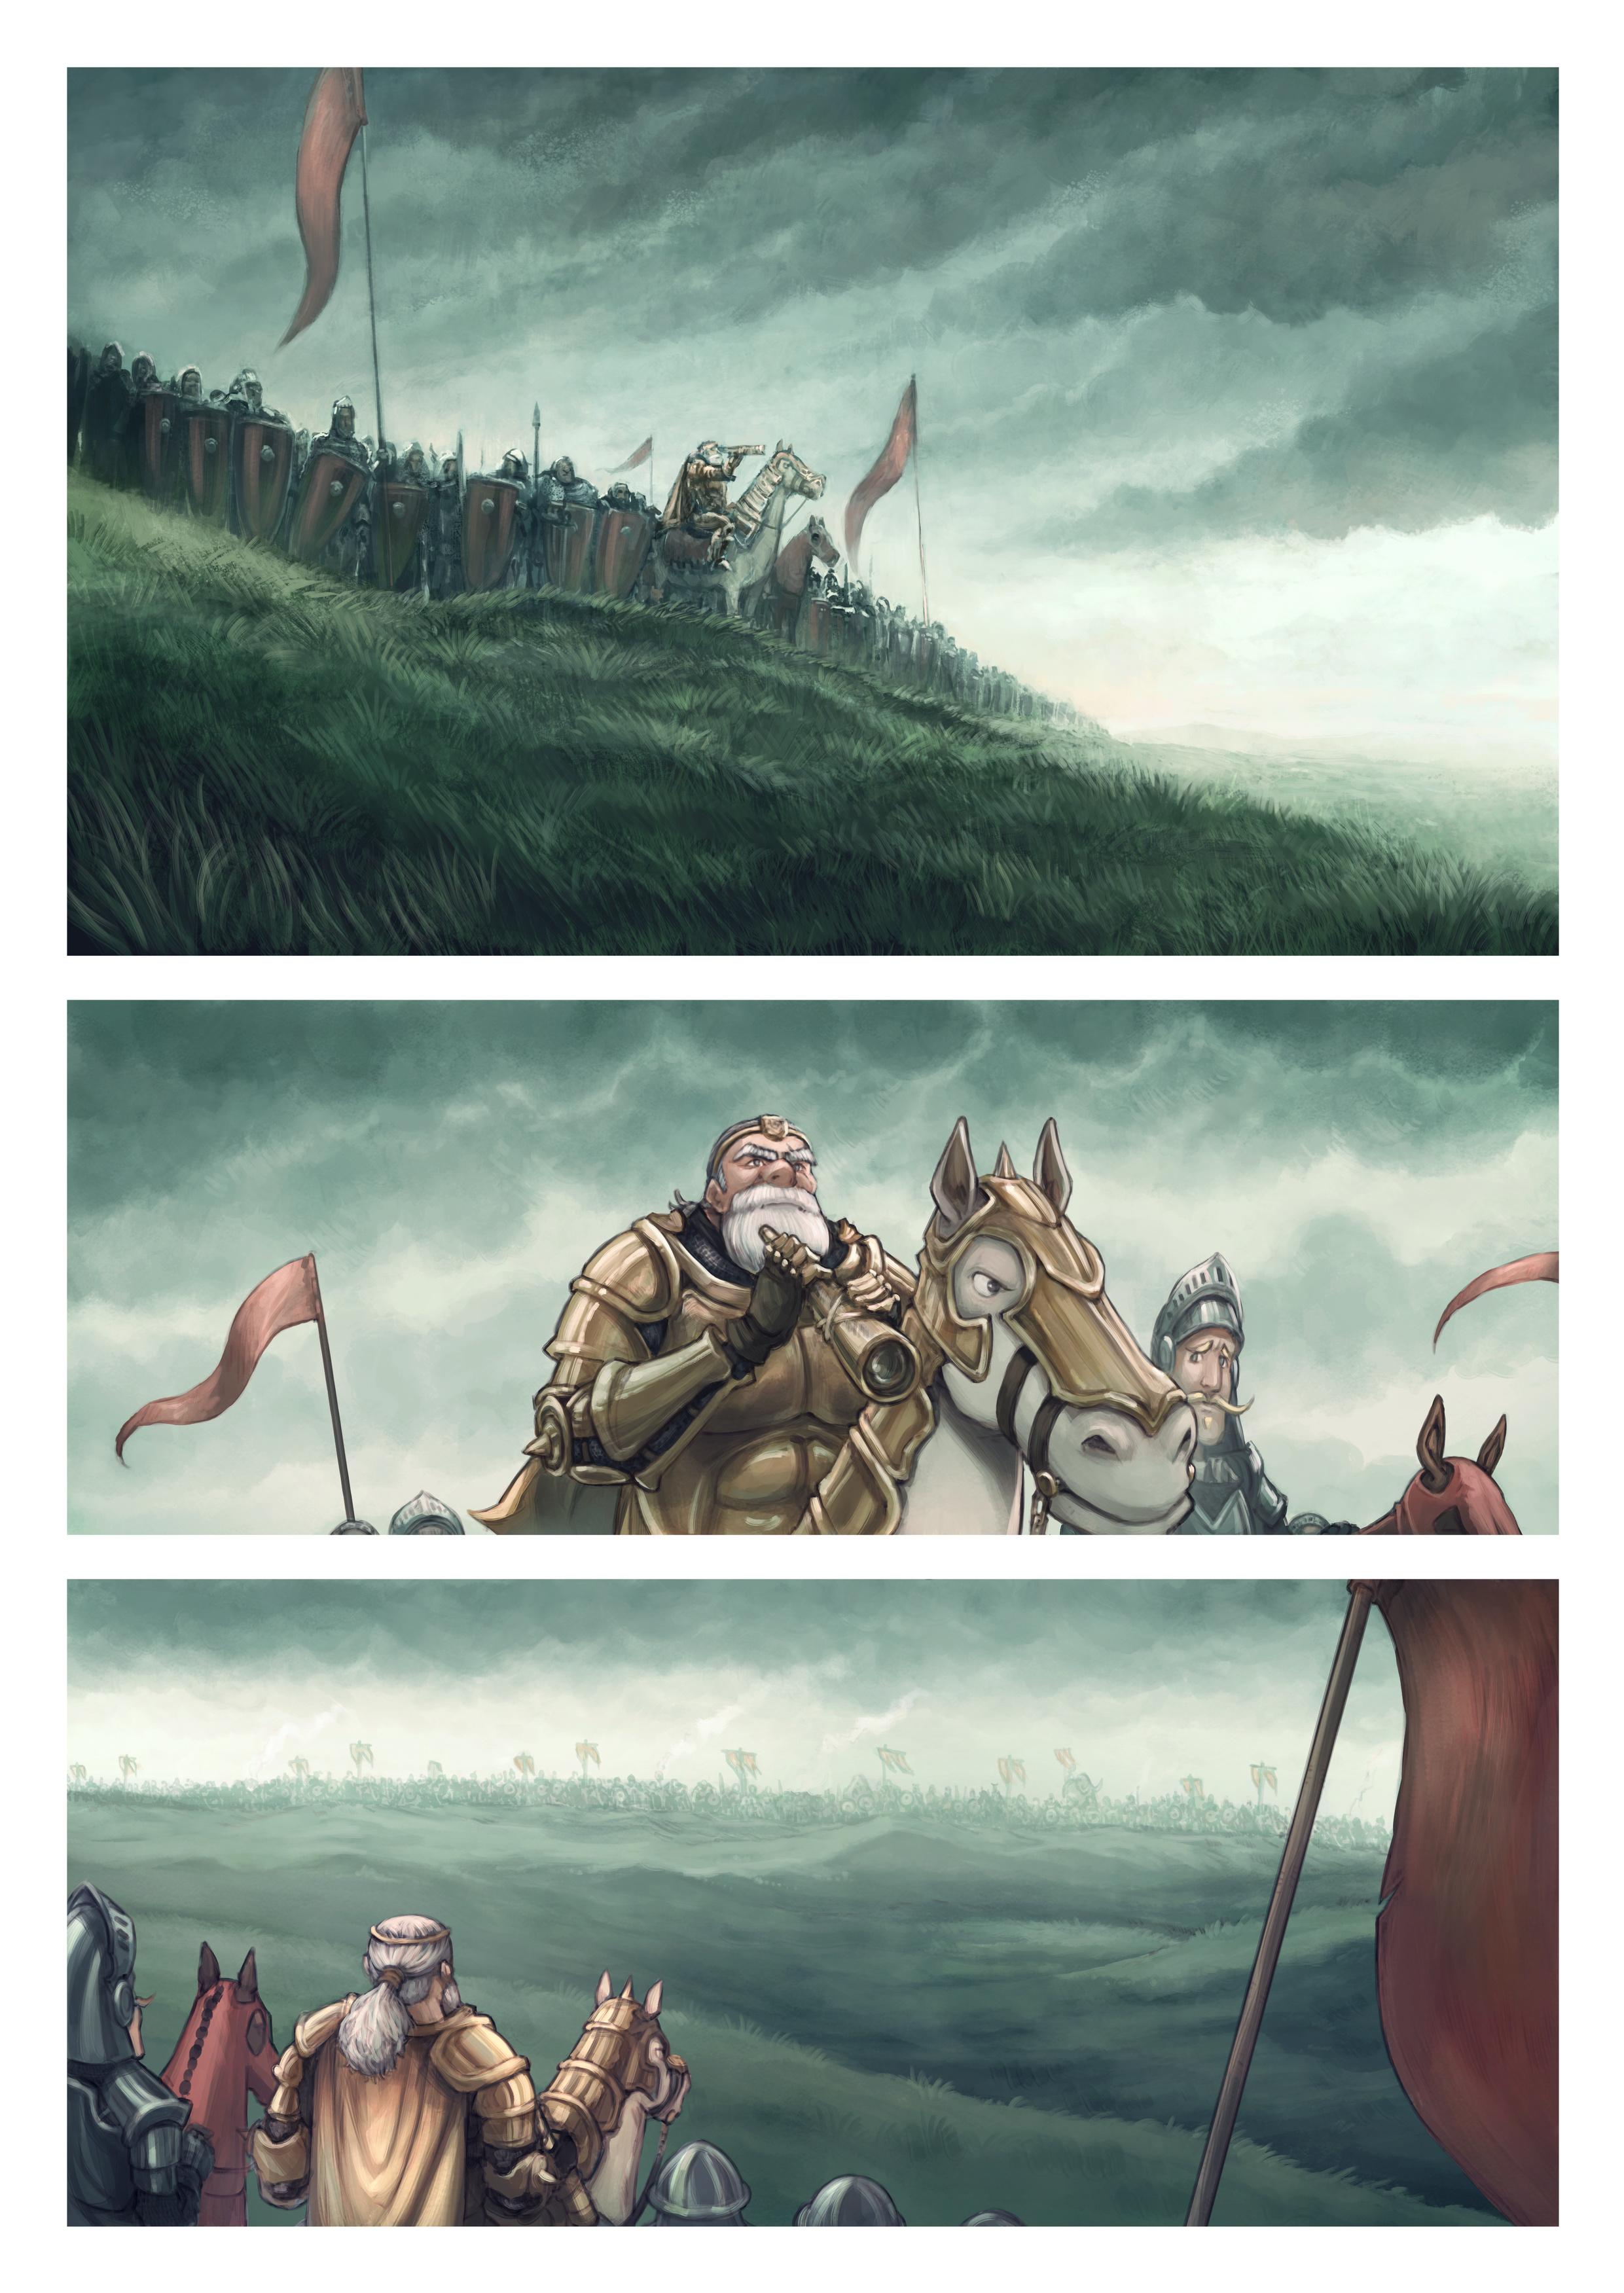 第32集:战场, Page 1